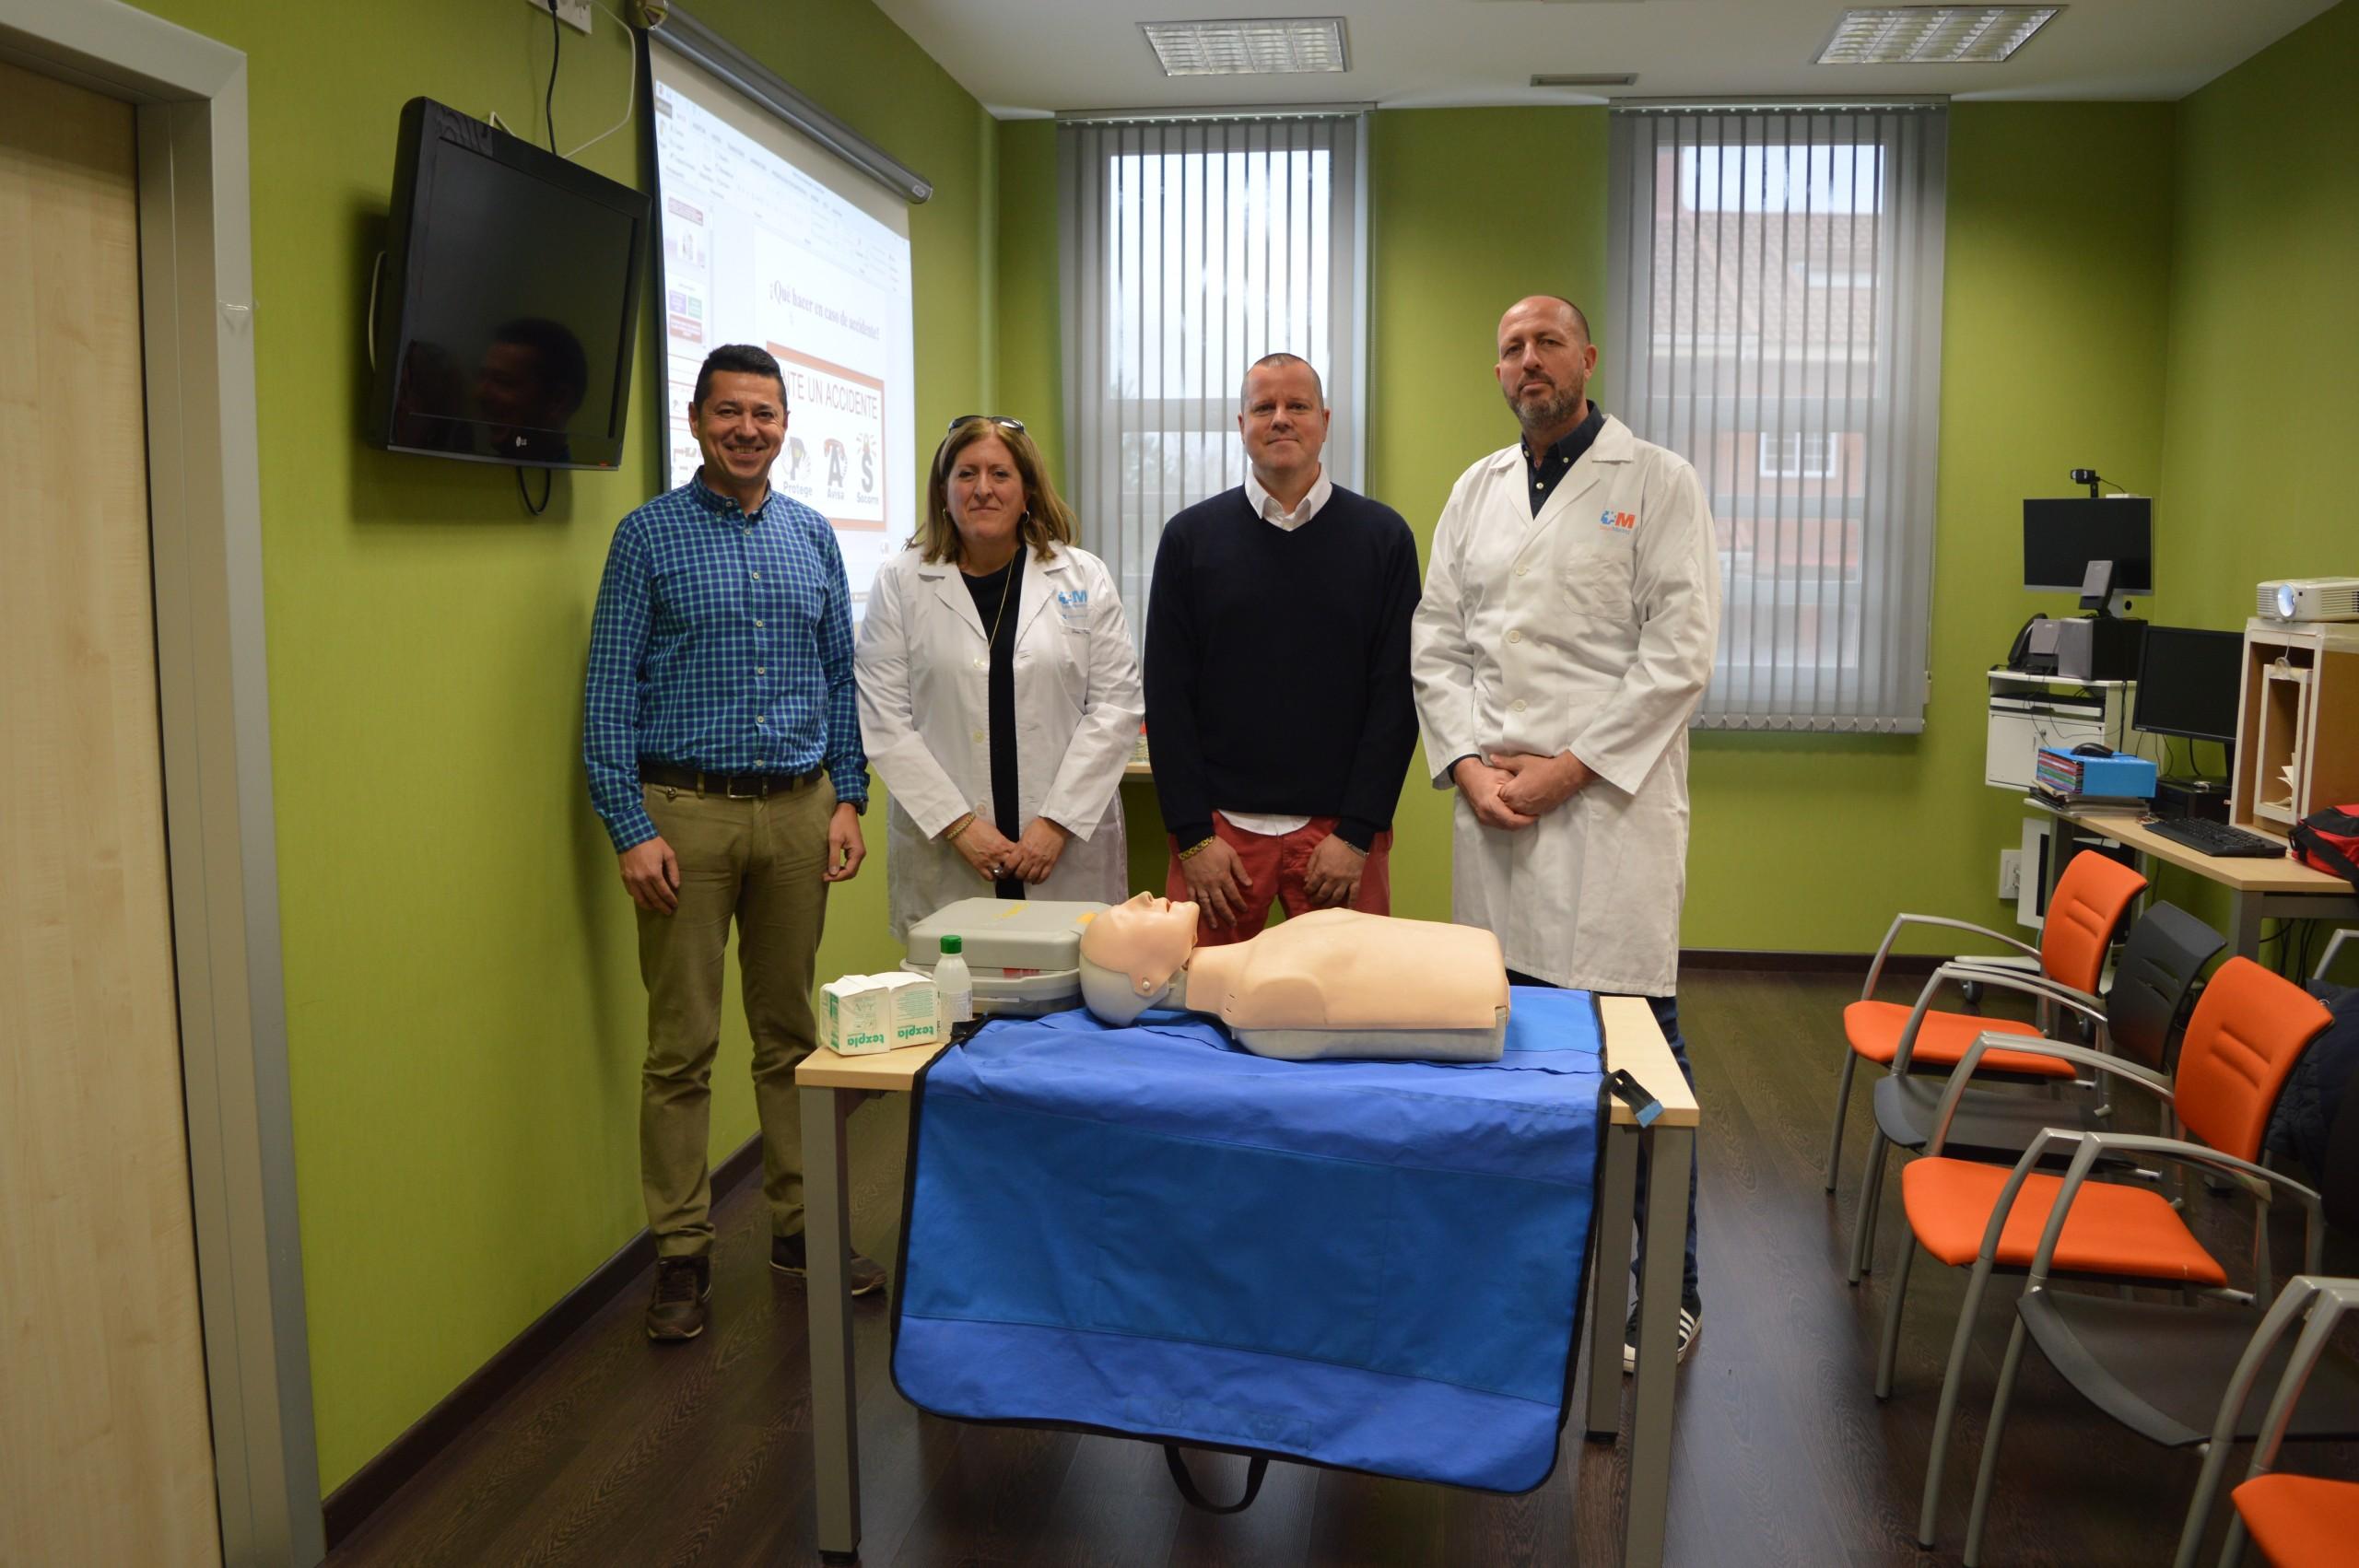 Profesores de los centros educativos se forman en primeros auxilios, reanimación cardiopulmonar y desfibrilador automático.